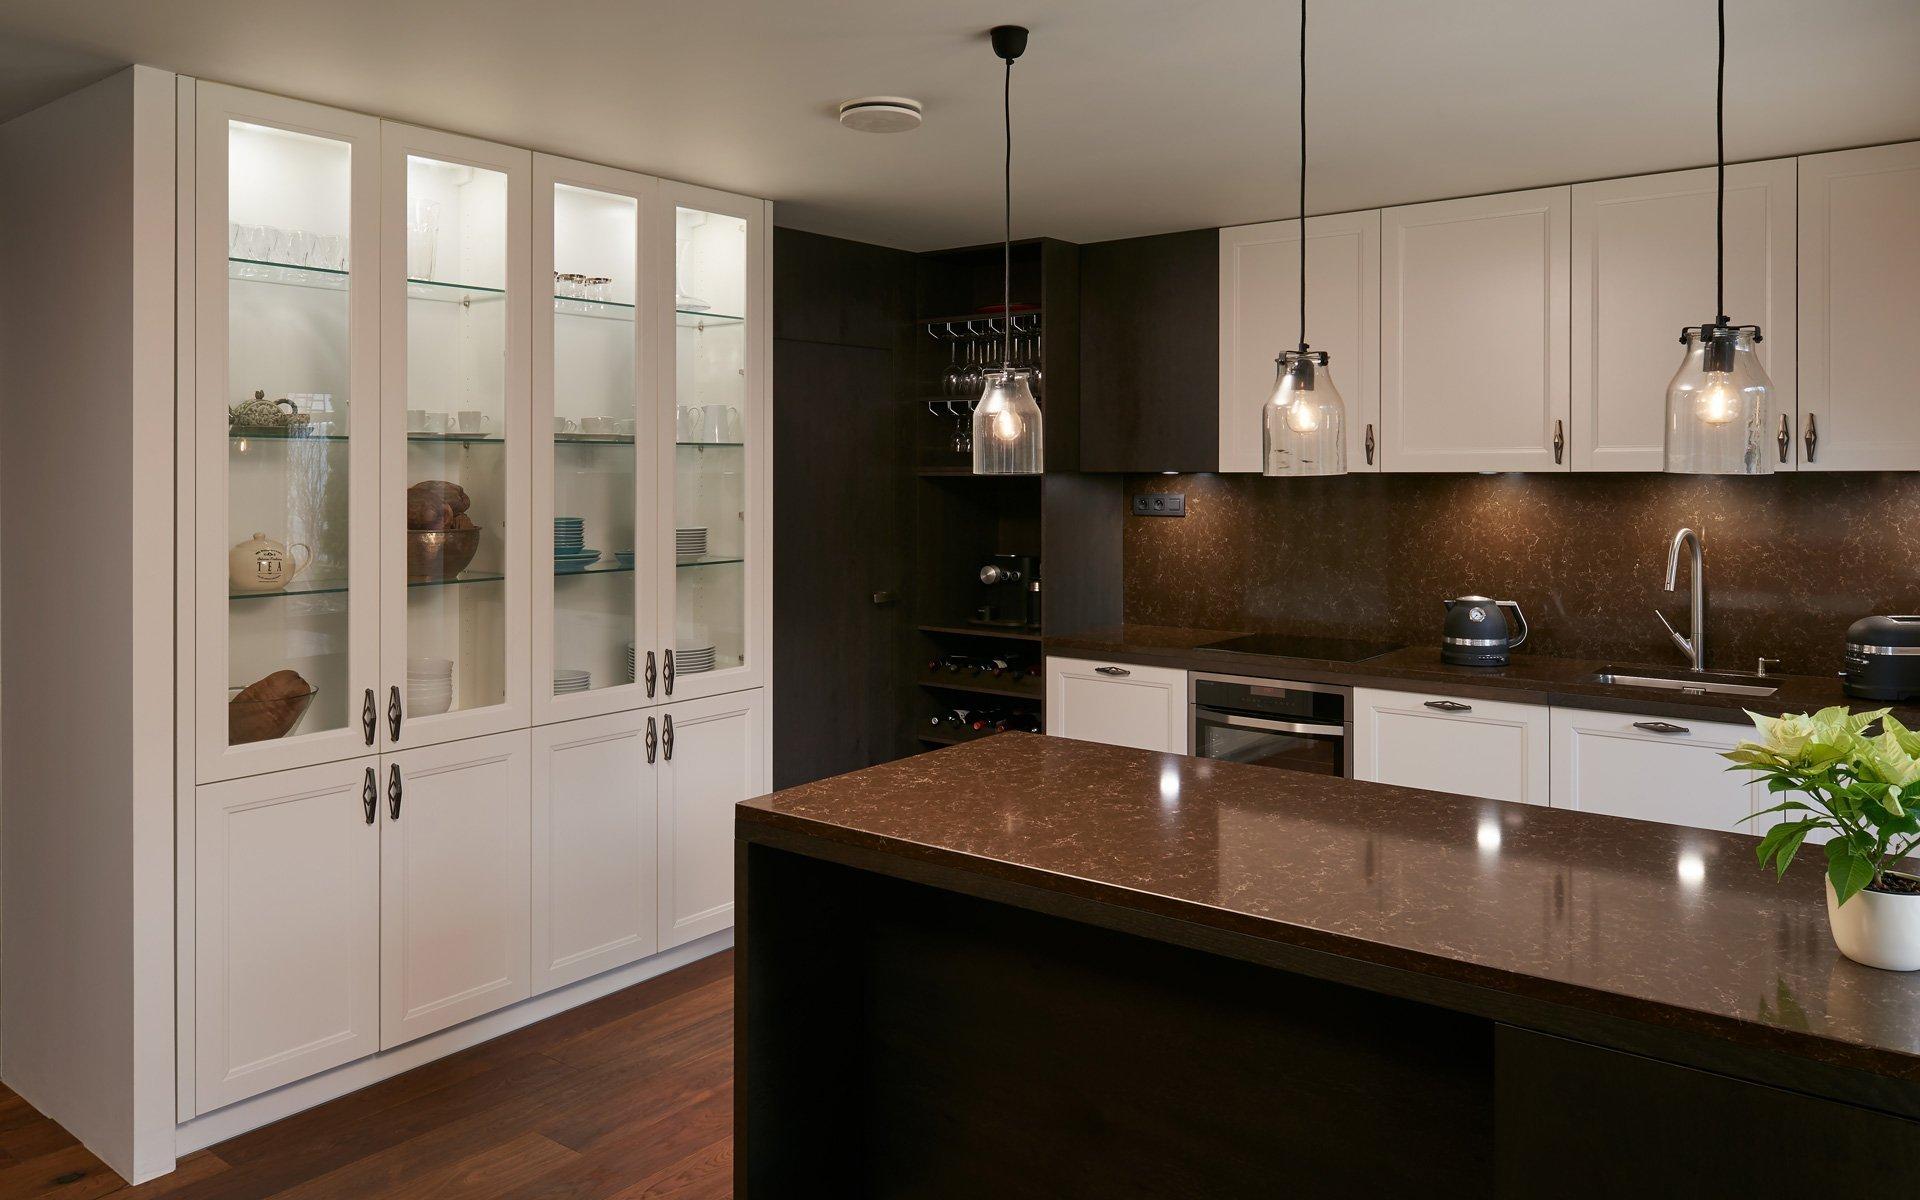 S následujícím modelem kuchyně potěšíme obdivovatele klasických kuchyní, které mají svěží, téměř současný vzhled. Díky tomu se dobře adaptují i do moderních…